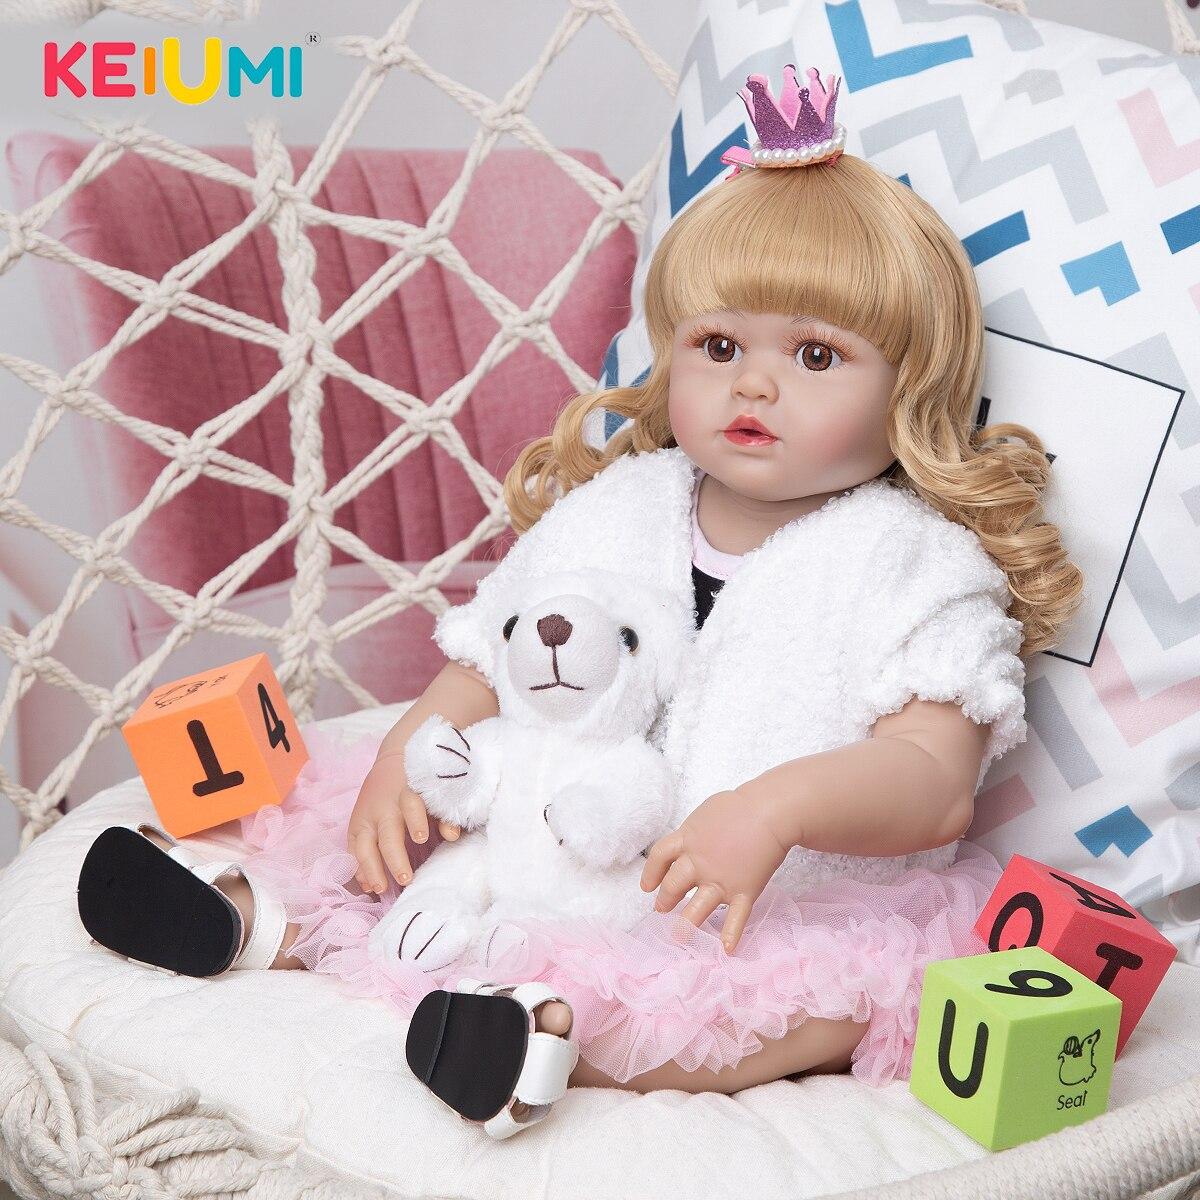 KEIUMI Heißer Verkauf Reborn Puppen Volle Vinyl Körper 57cm Lebensechte Mode Prinzessin Baby Puppe Boneca Reborn Spielzeug Für Kinder der Tag Geschenk